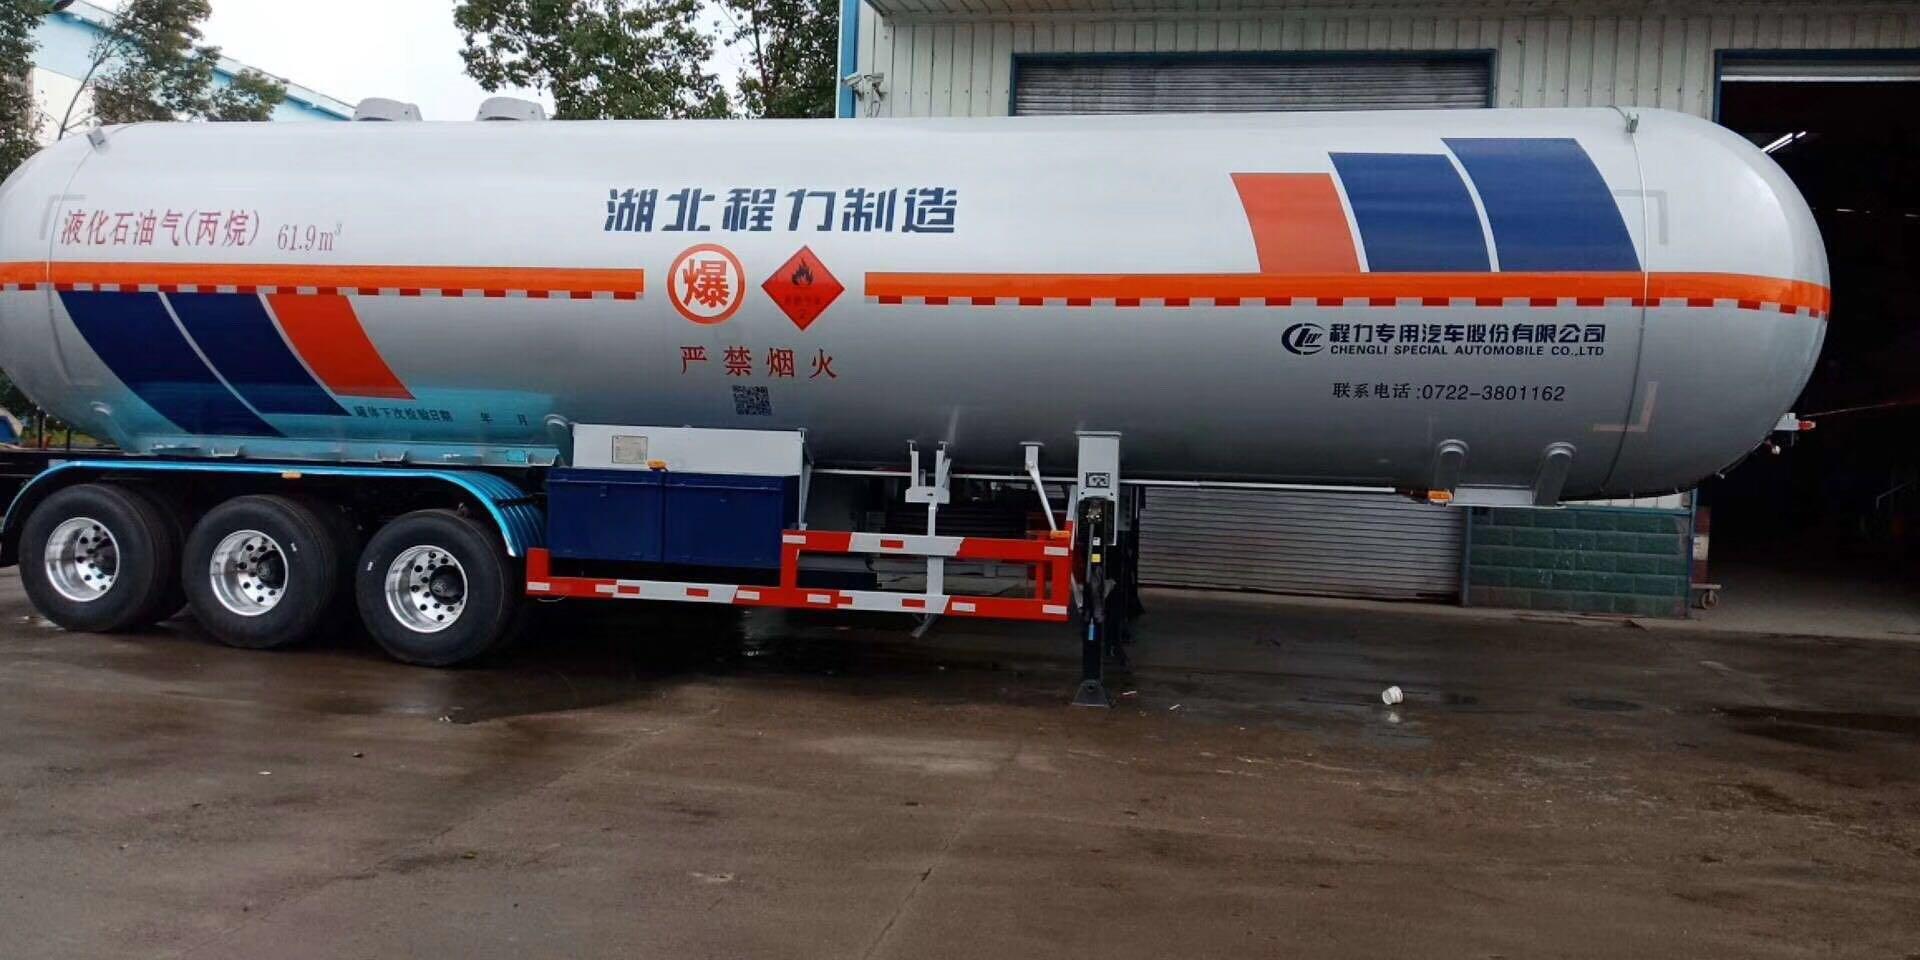 61.9立方液化石油气半挂车运输车